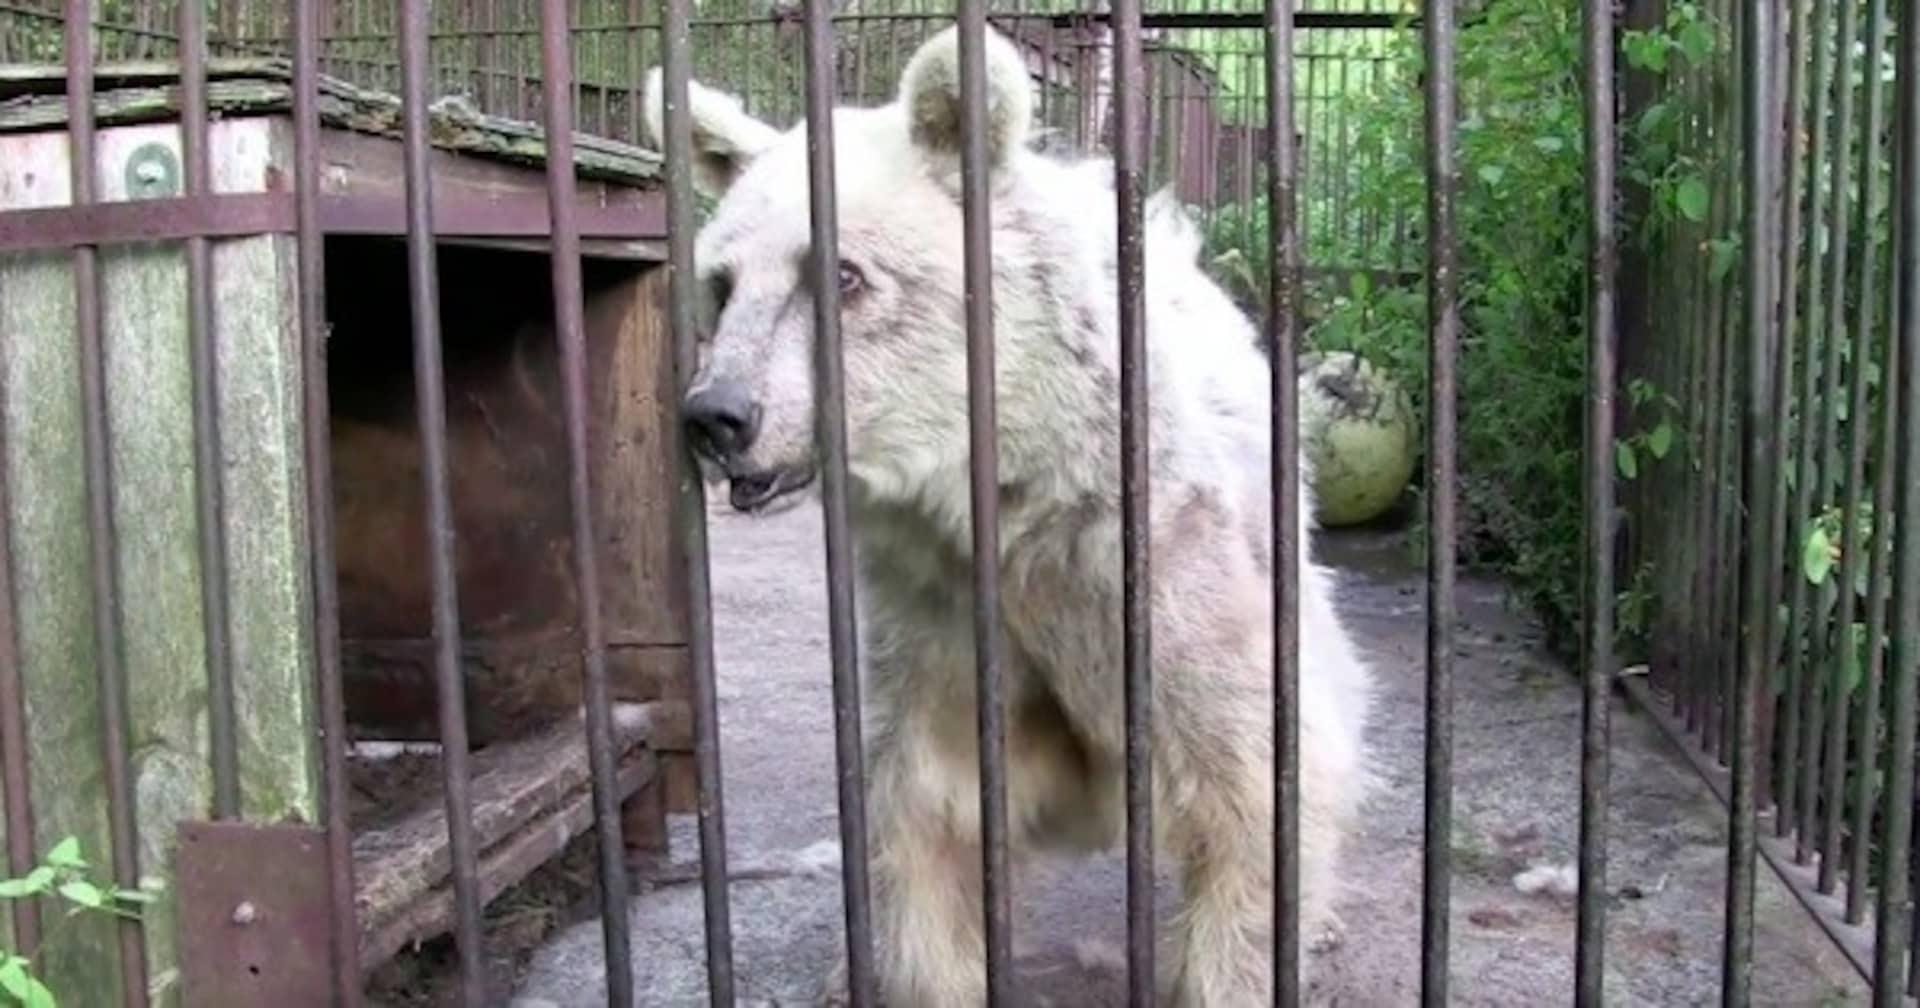 30年も虐待され続けたクマ、保護されて1年後に元気な姿を見せる